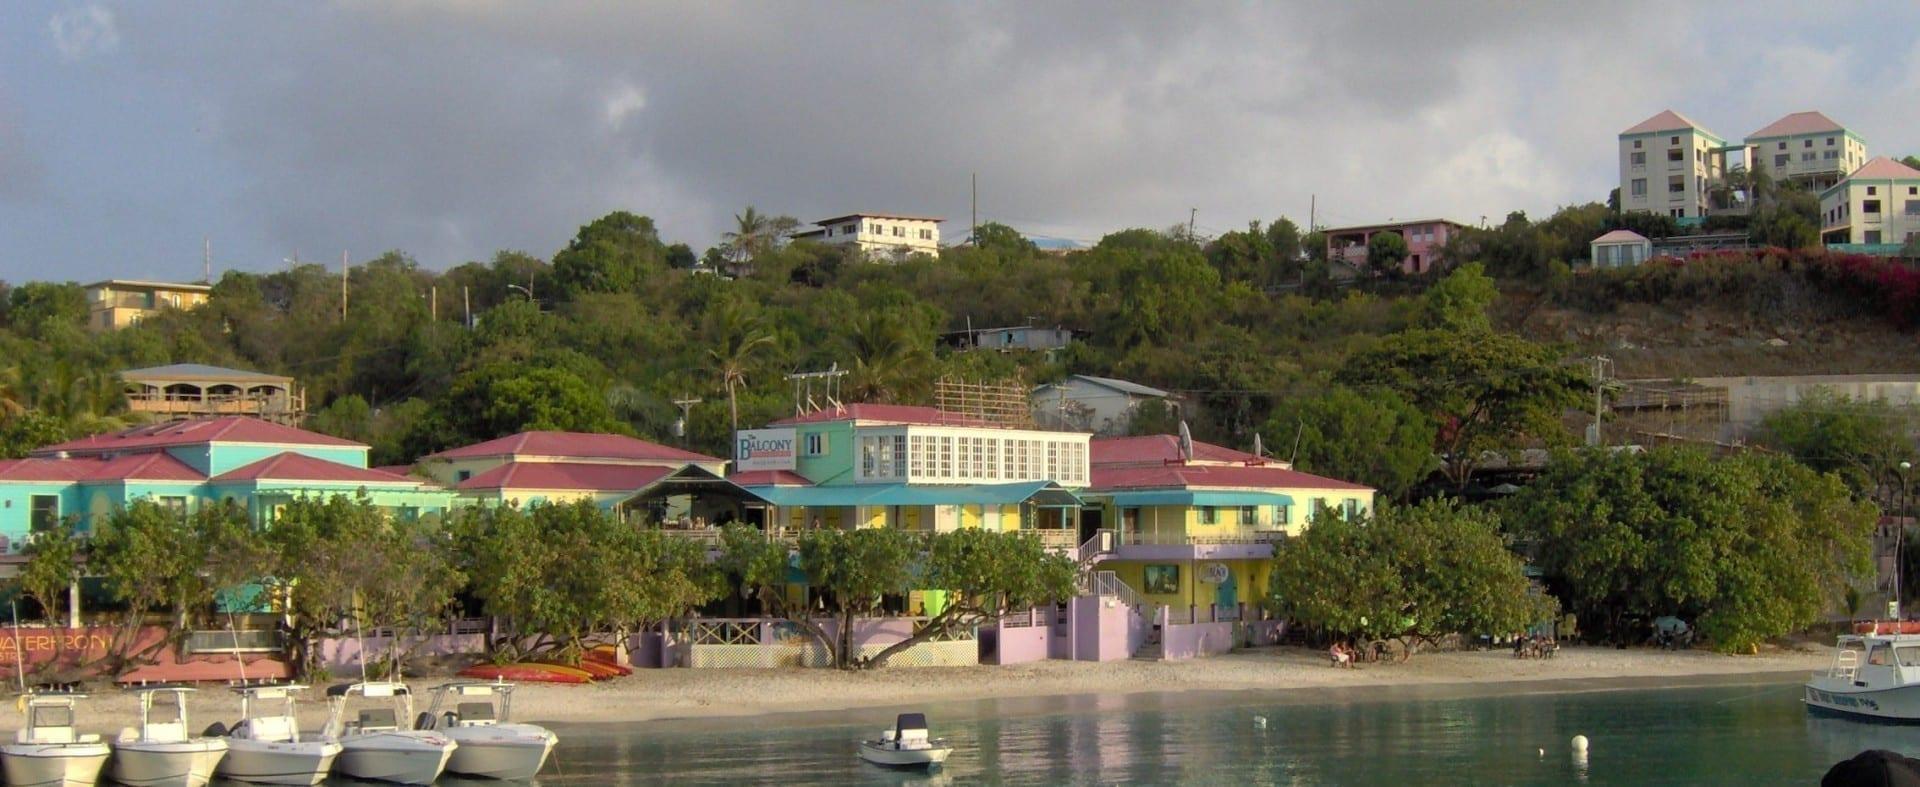 Cruz Bay, St. John, Islas Vírgenes de los Estados Unidos. Islas Vírgenes de los Estados Unidos